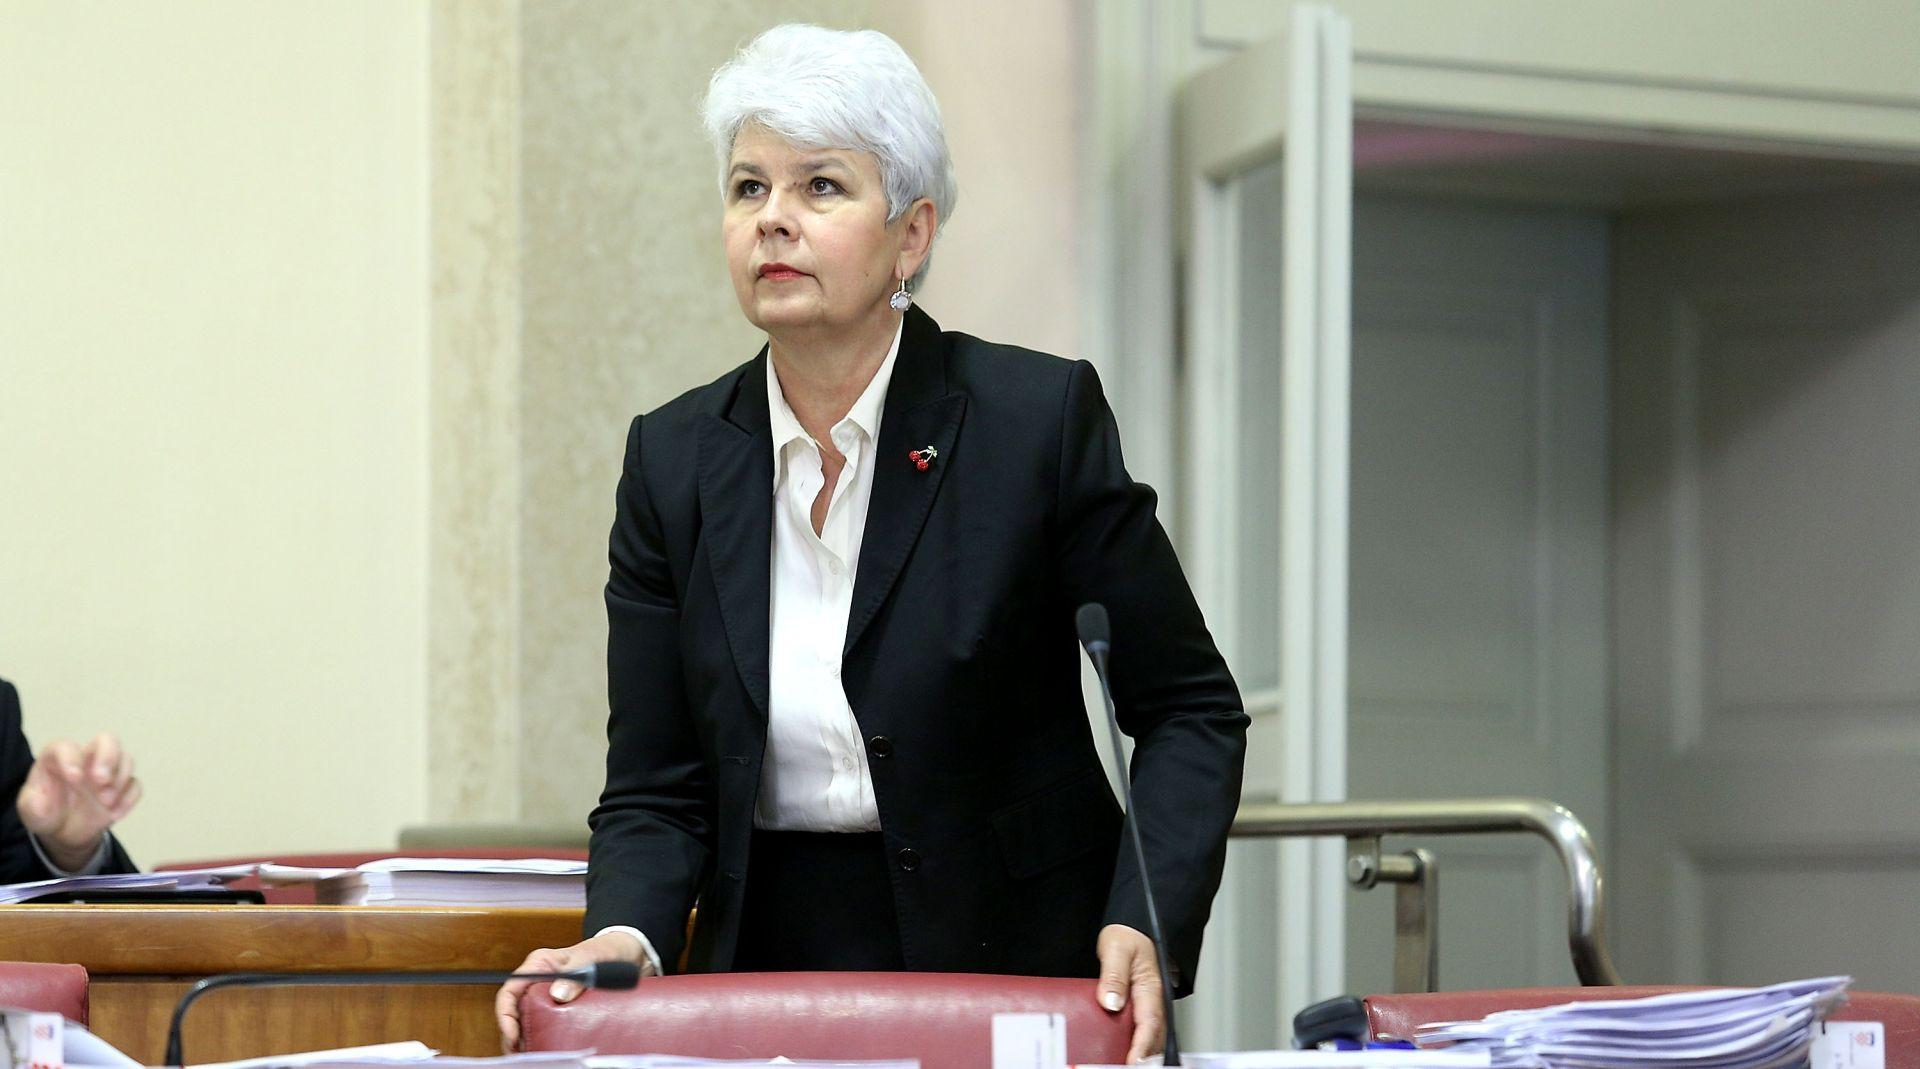 Kosor: Velika koalicija bila bi blagotvorno rješenje, ali ne dok su tu Milanović i Karamarko